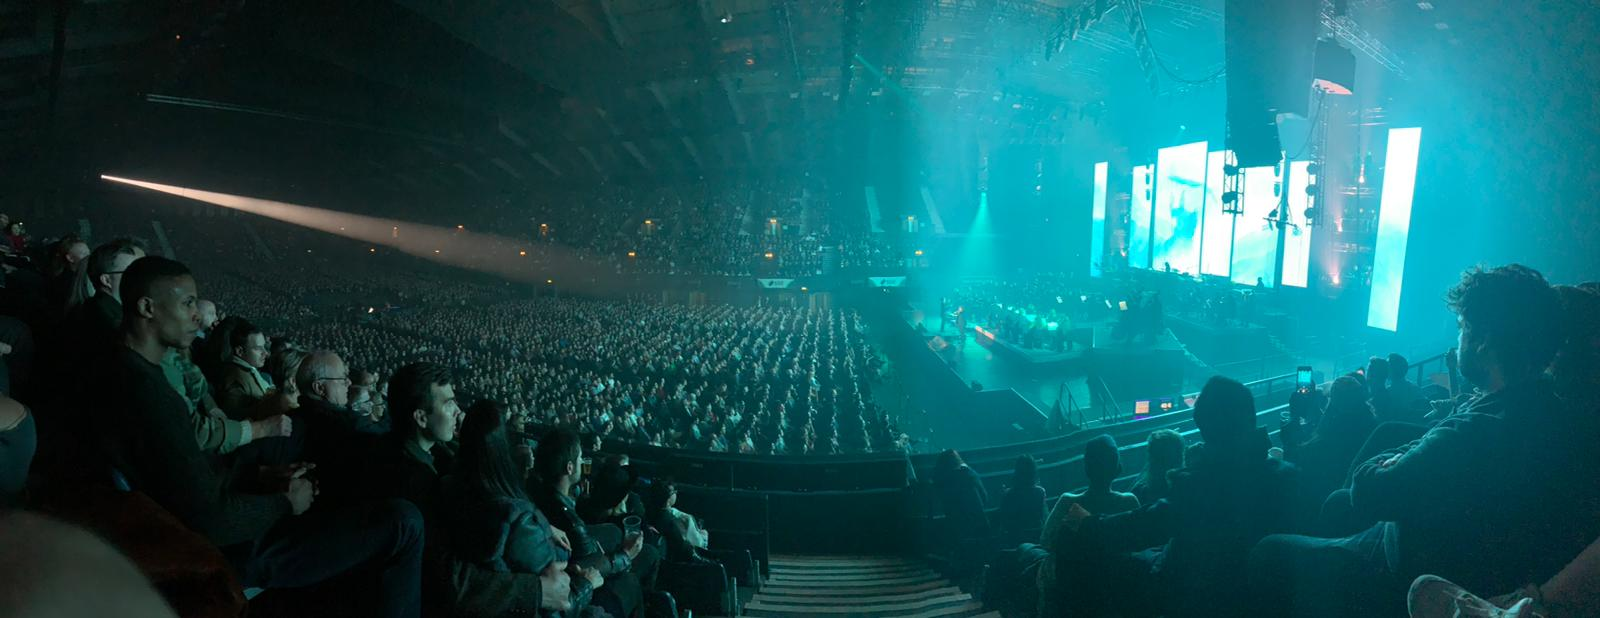 SSE Arena Wembley